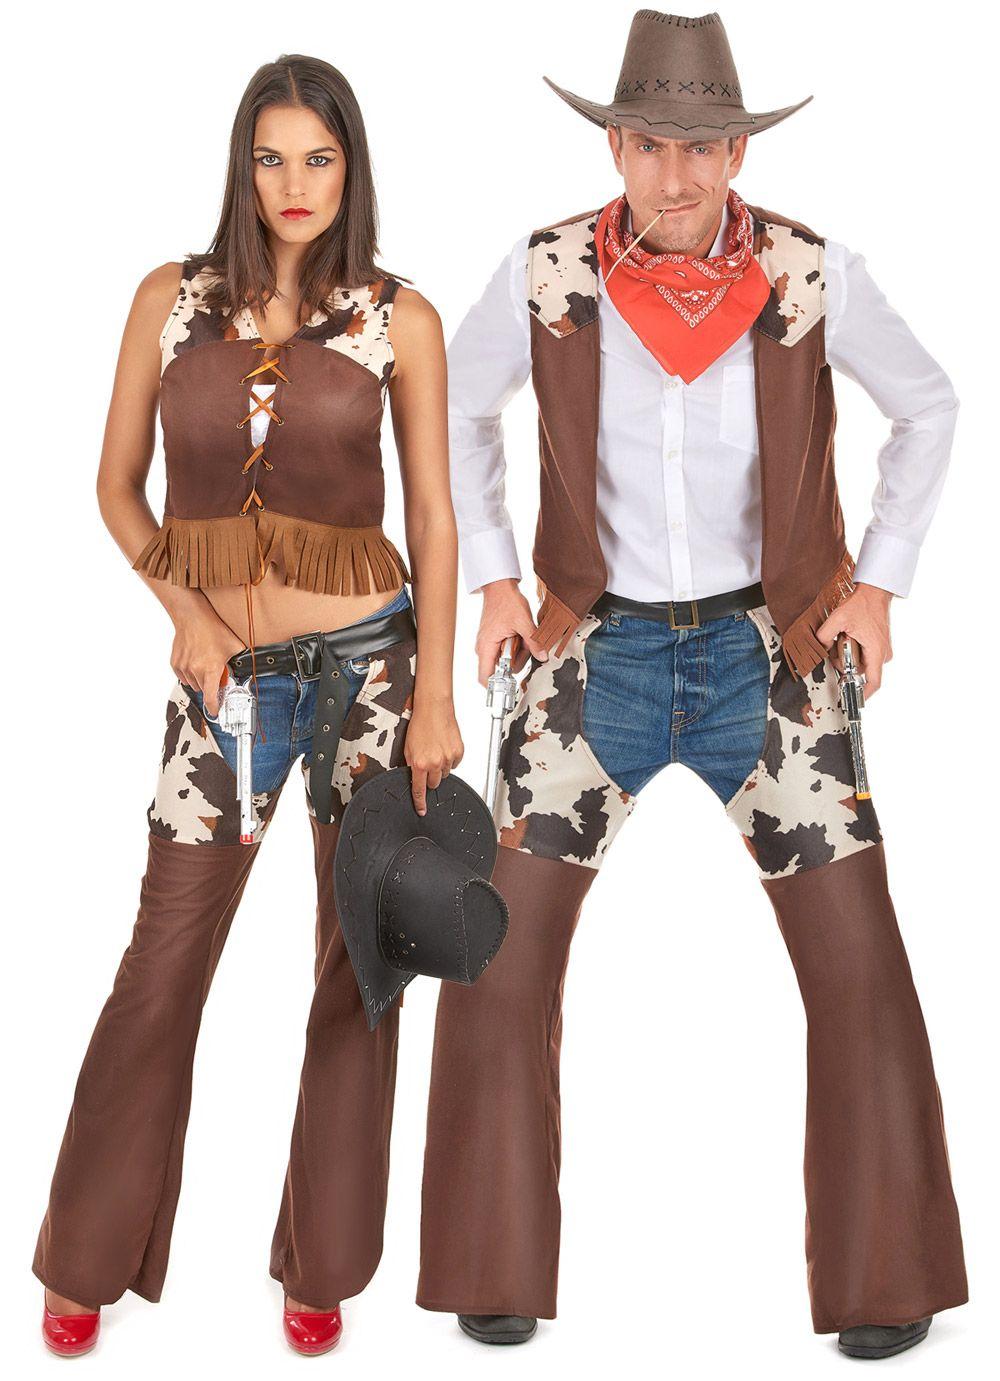 Disfraz de pareja cowboy adulto disfraz de cowboy for Disfraces parejas adultos